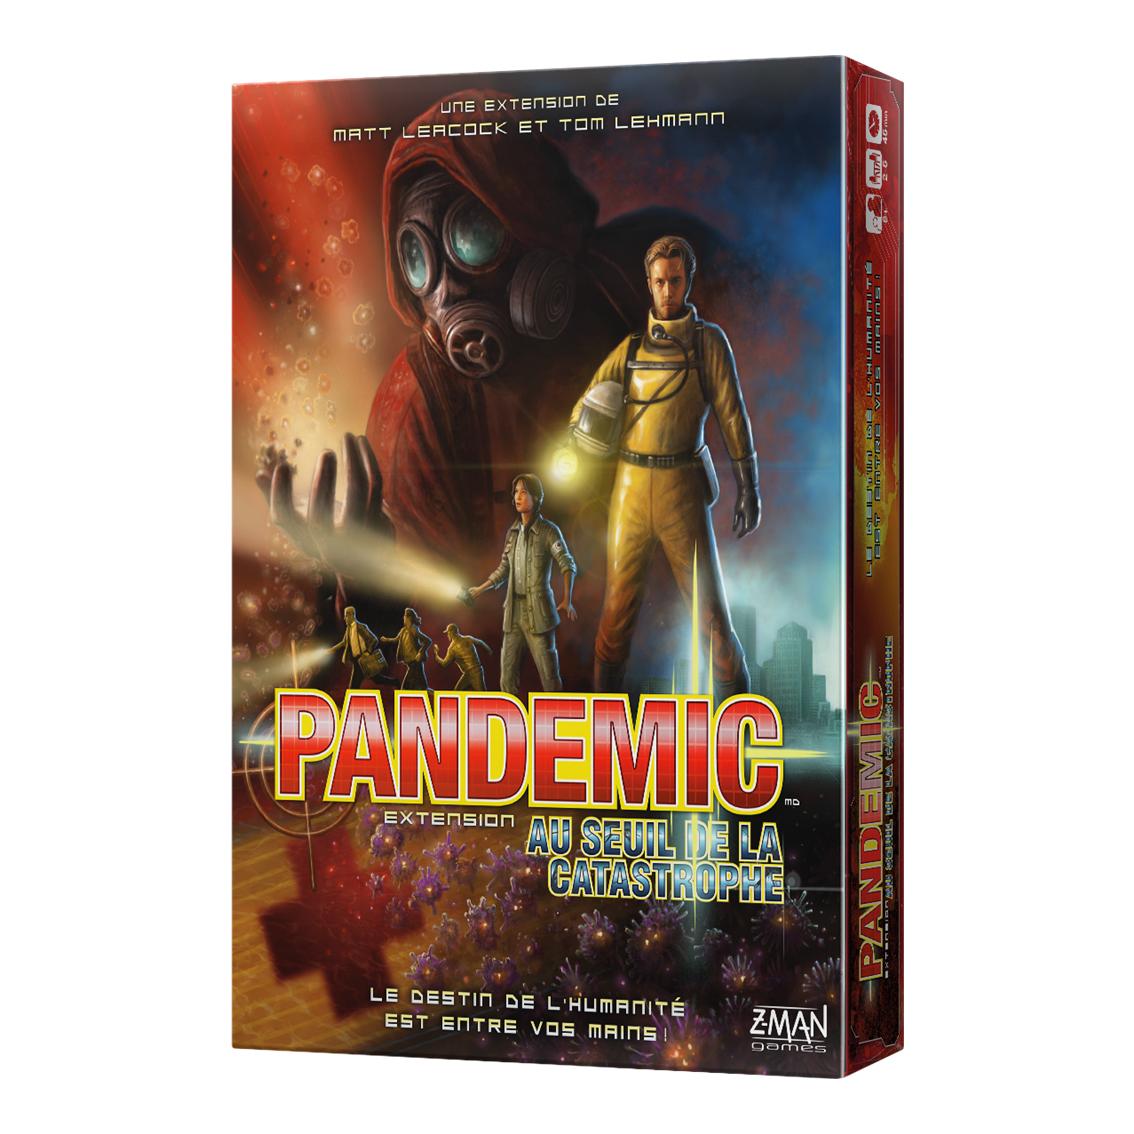 Pandemic, Au Seuil de la Catastrophe (extension)